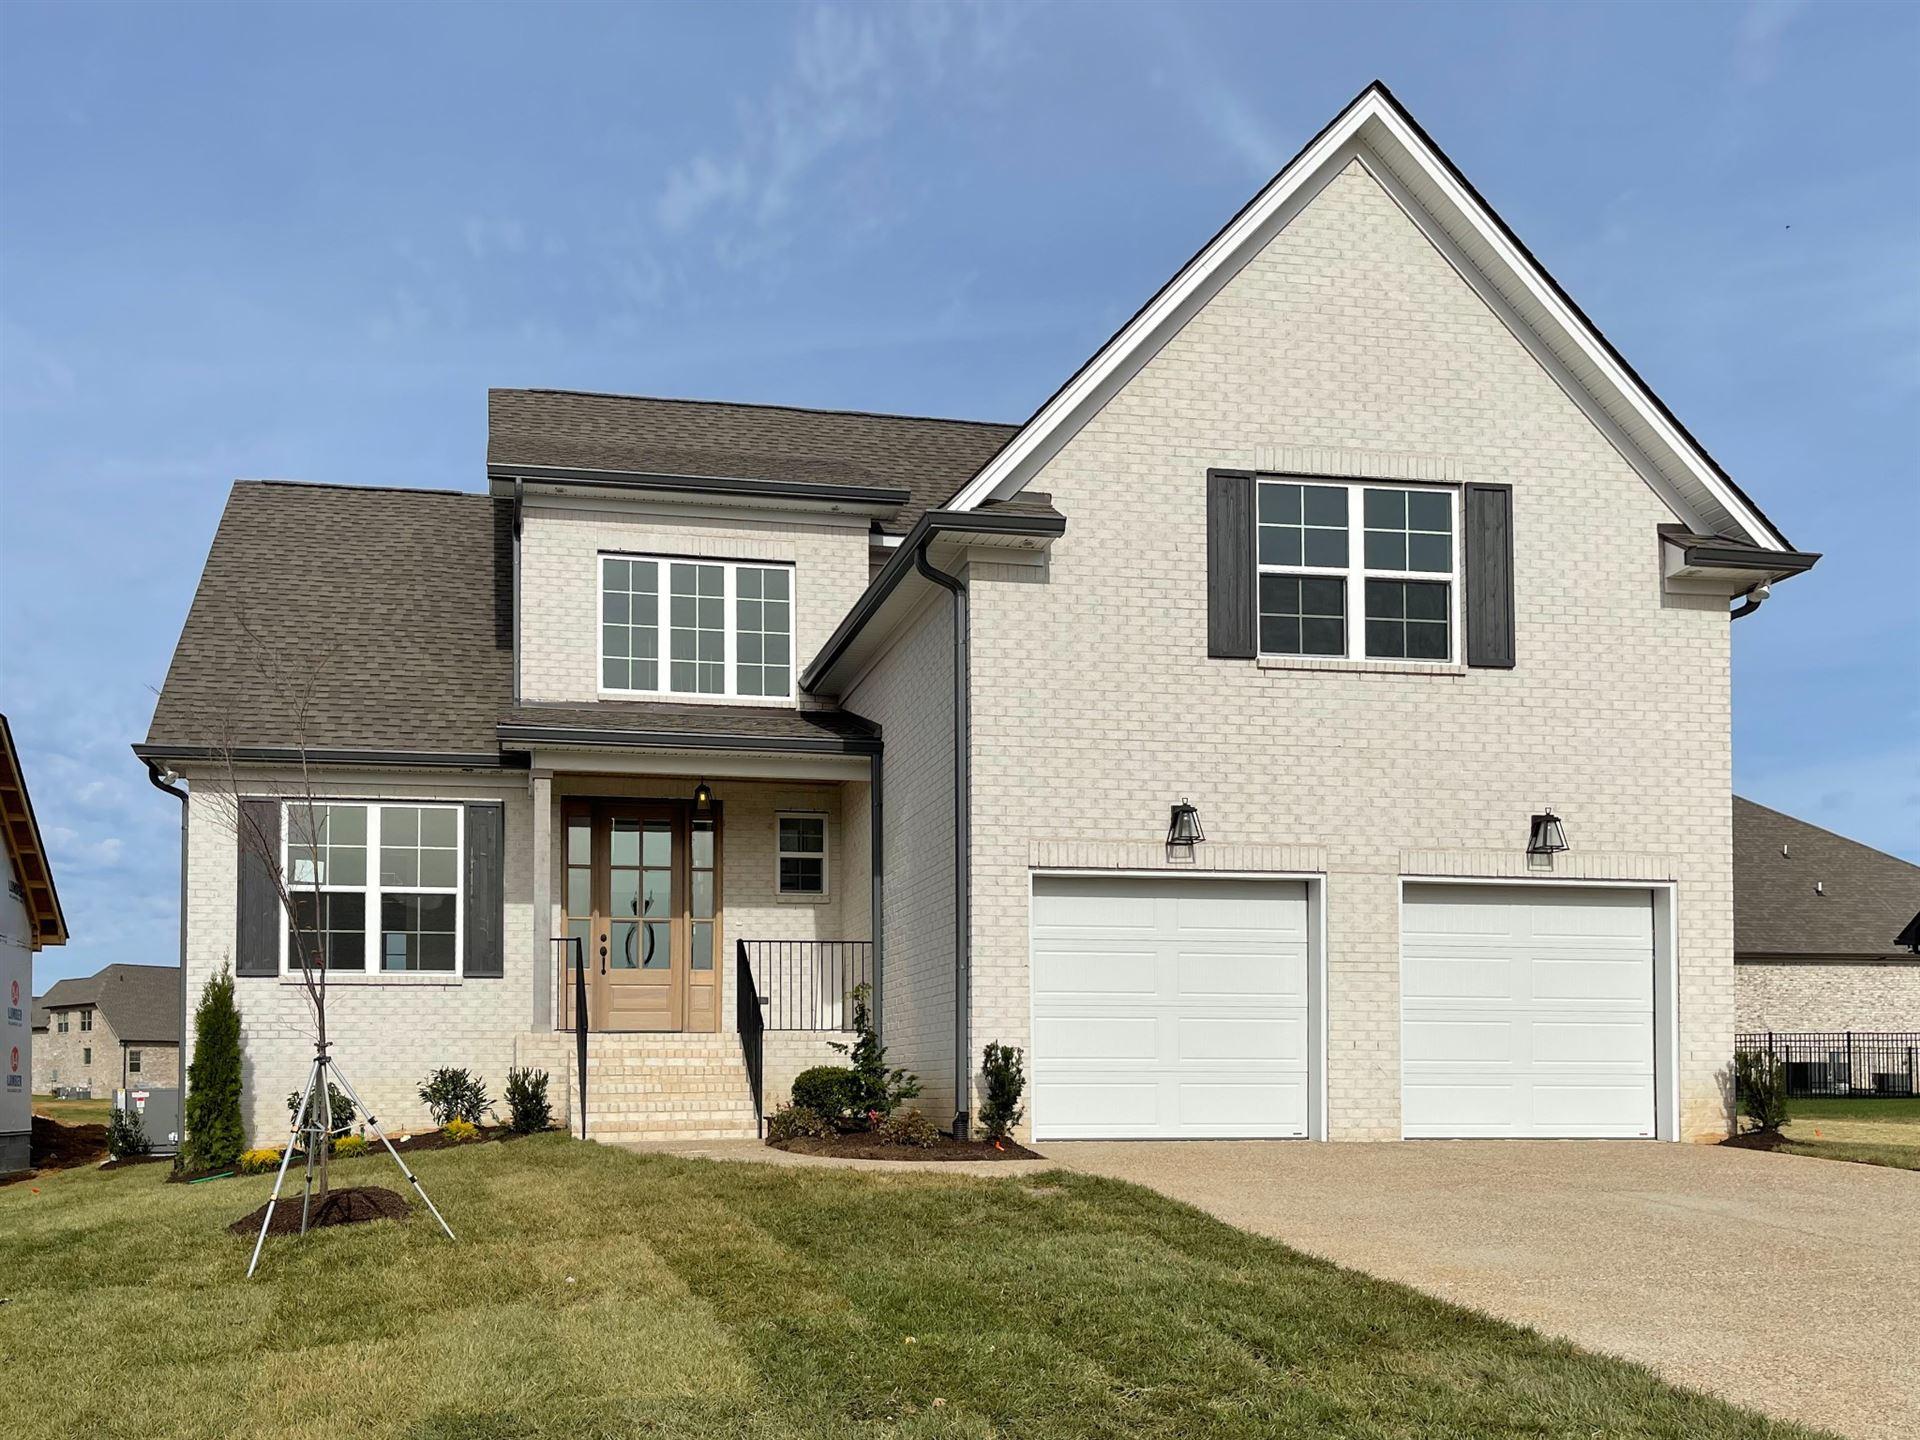 Photo of 1814 Witt Way Drive, Spring Hill, TN 37174 (MLS # 2286106)